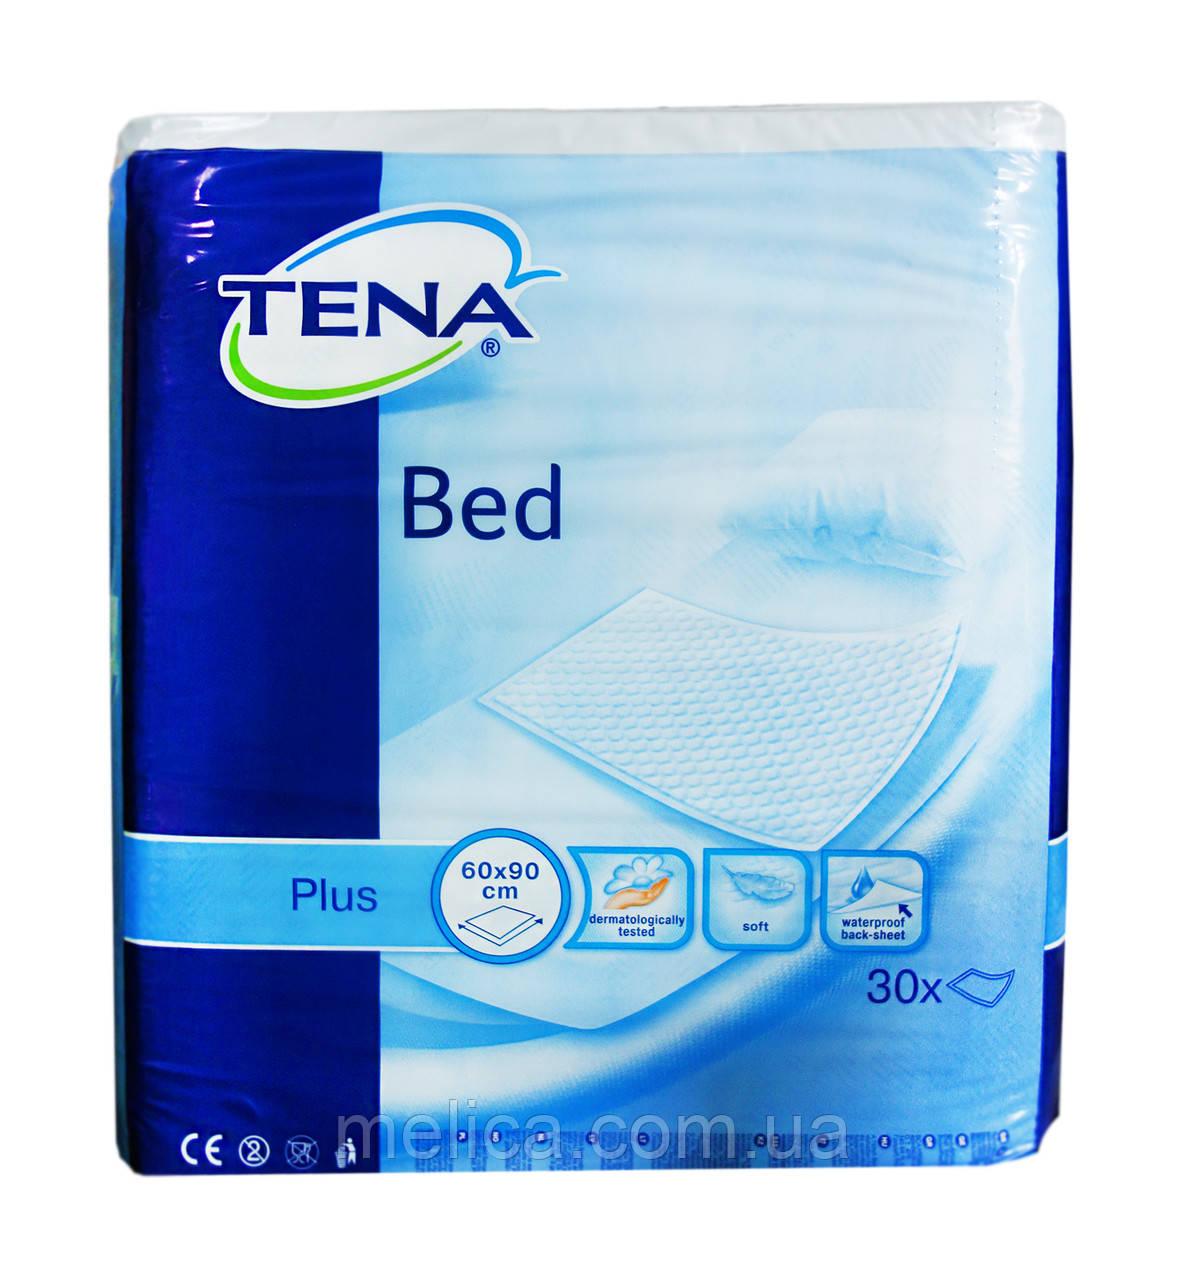 Пеленки TENA Bed Plus (60х90 см) – 30 шт., цена 295,74 грн., купить ... 2e7ddda6474